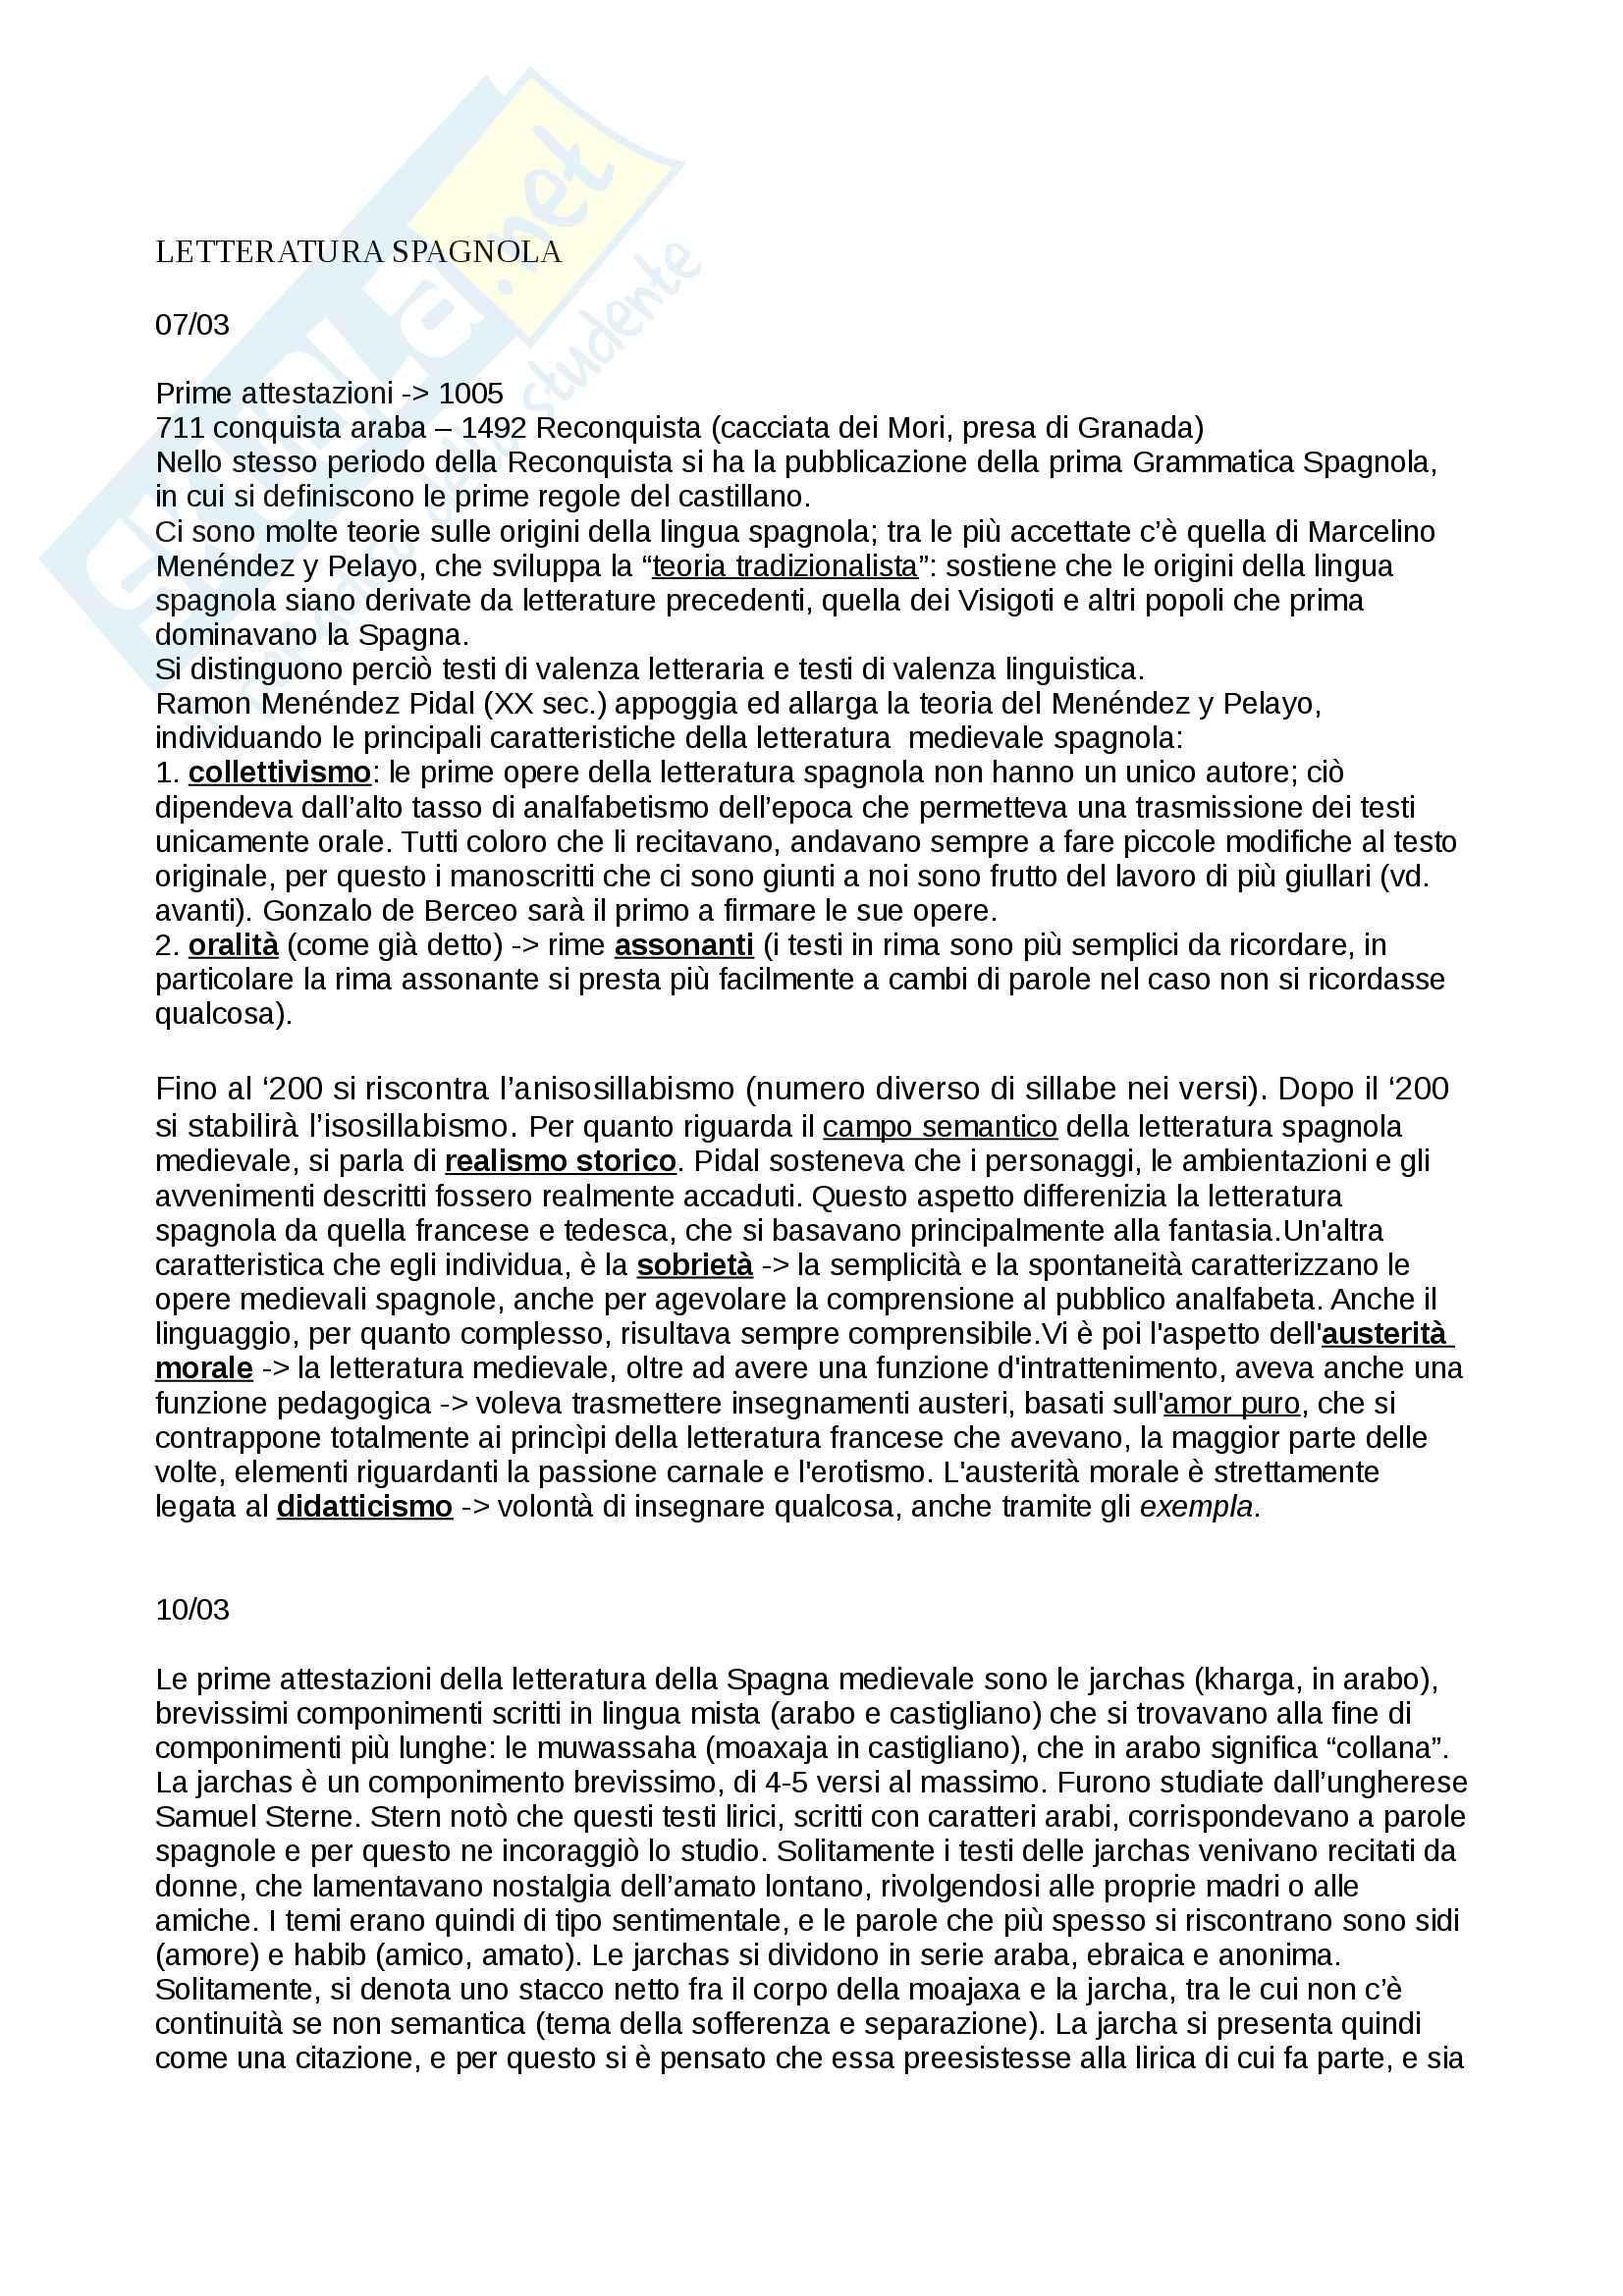 Appunti letteratura Spagnola I